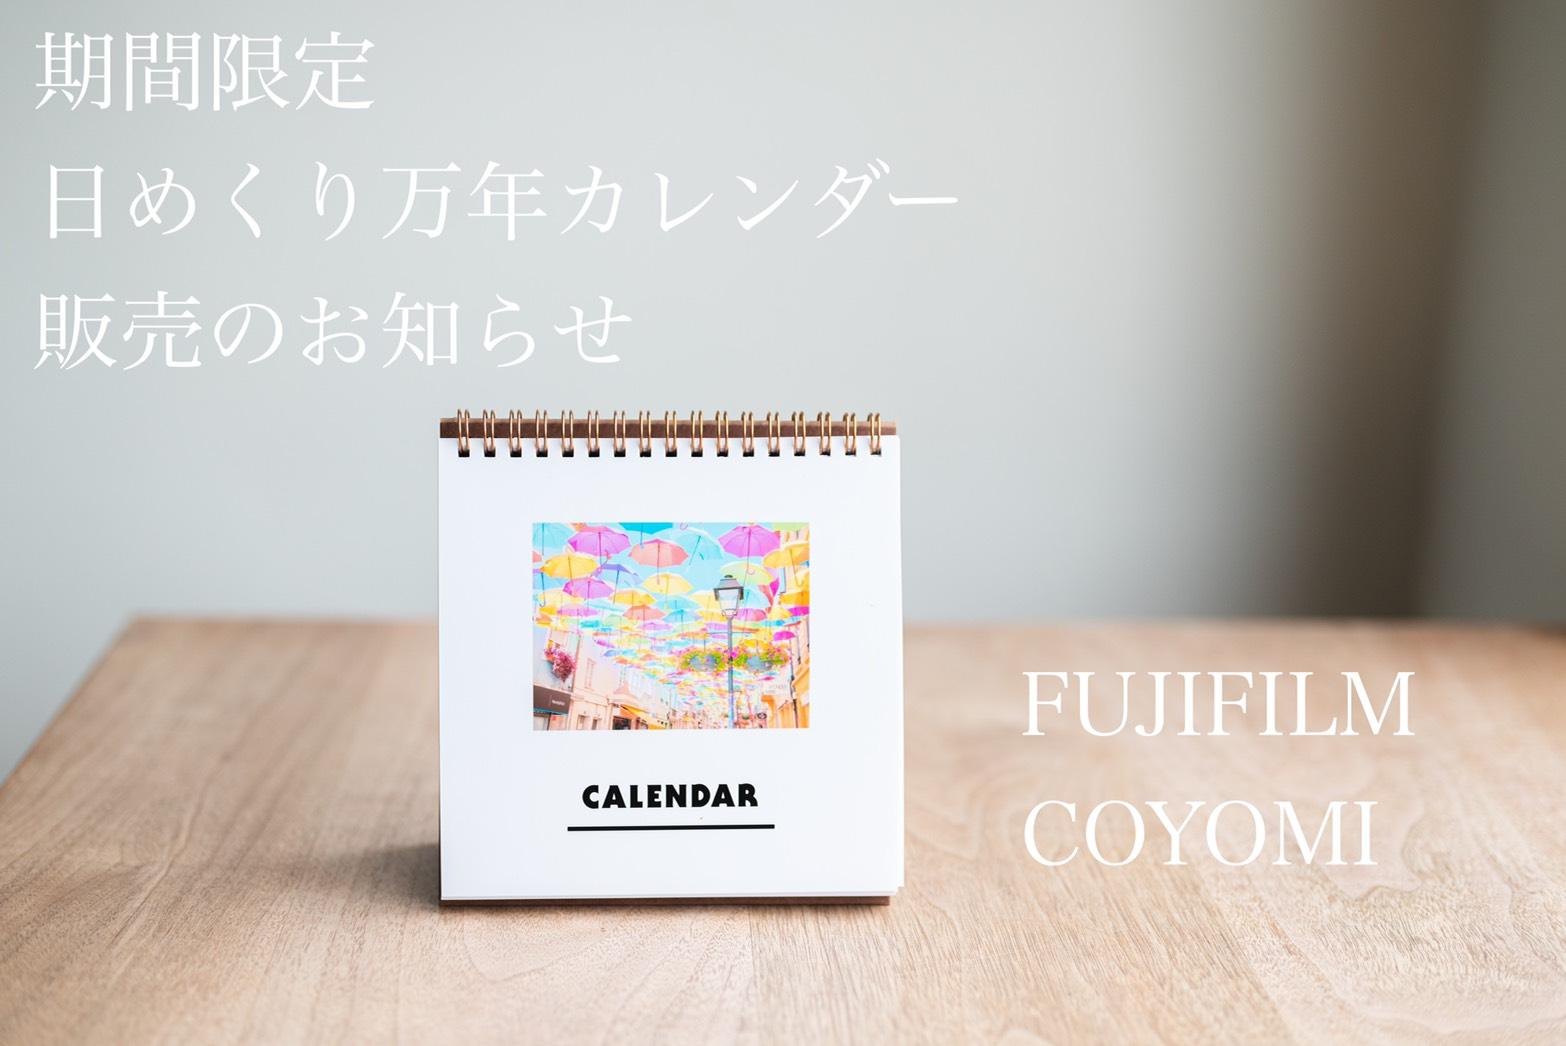 【期間限定】ふんわり海外写真 日めくり万年カレンダーを販売します(FUJIFILM COYOMI)